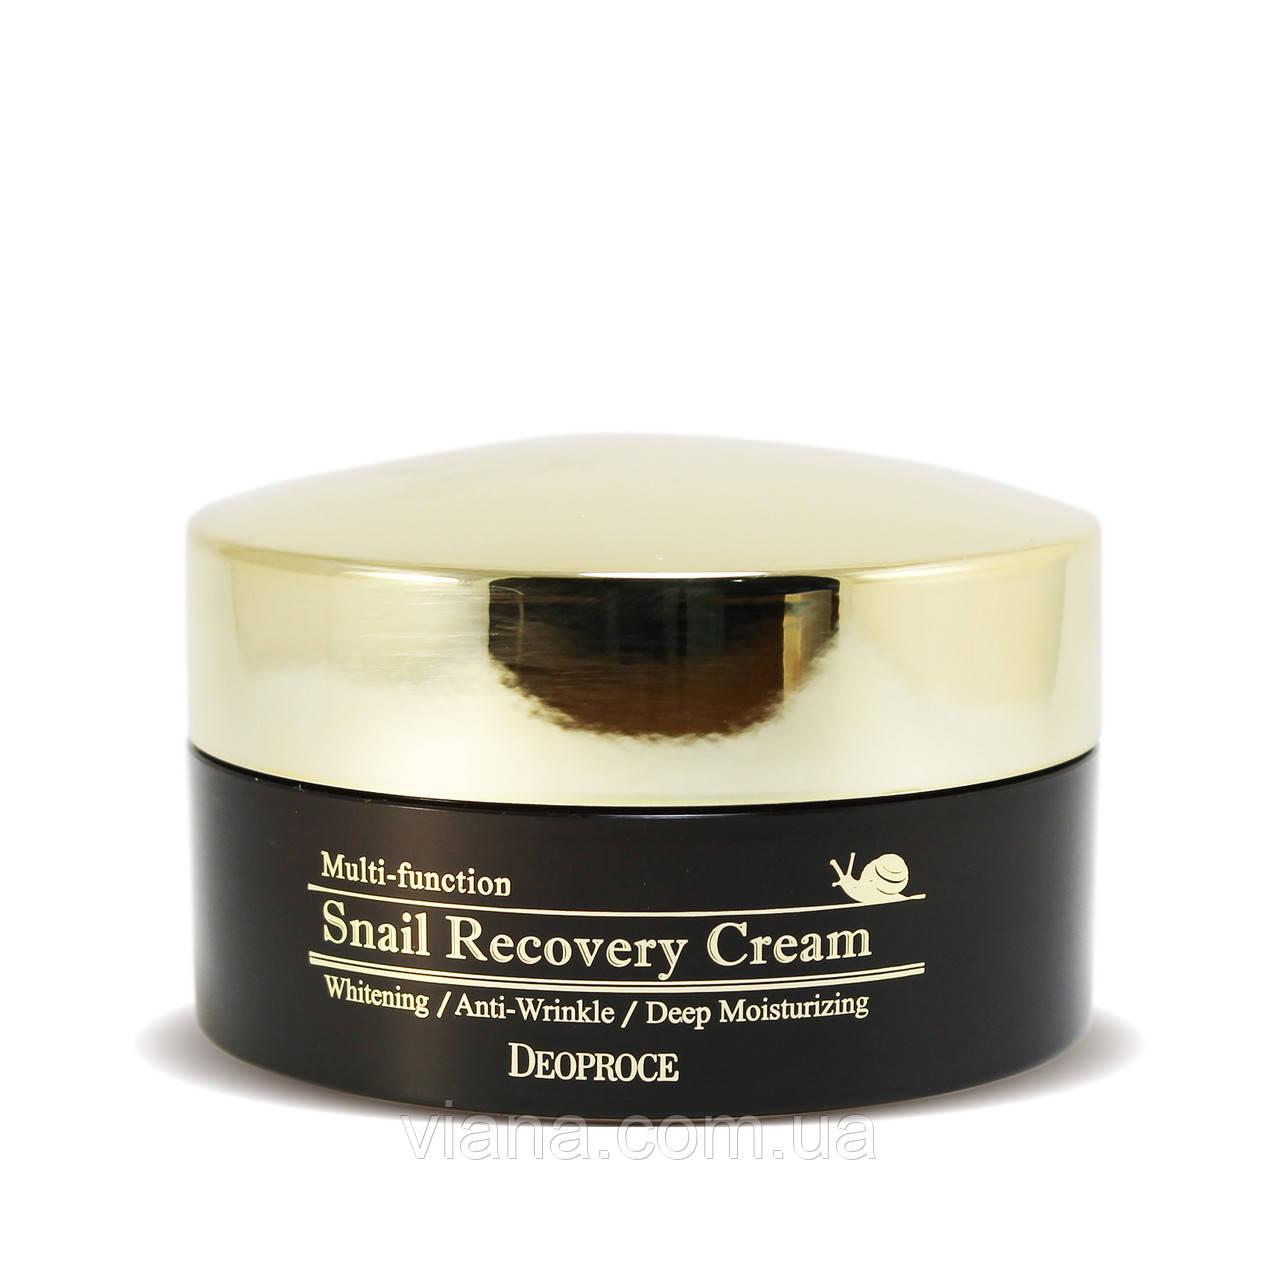 Многофункциональный восстанавливающий крем с улиточной слизью Deoproce Snail Recovery Cream 100 мл